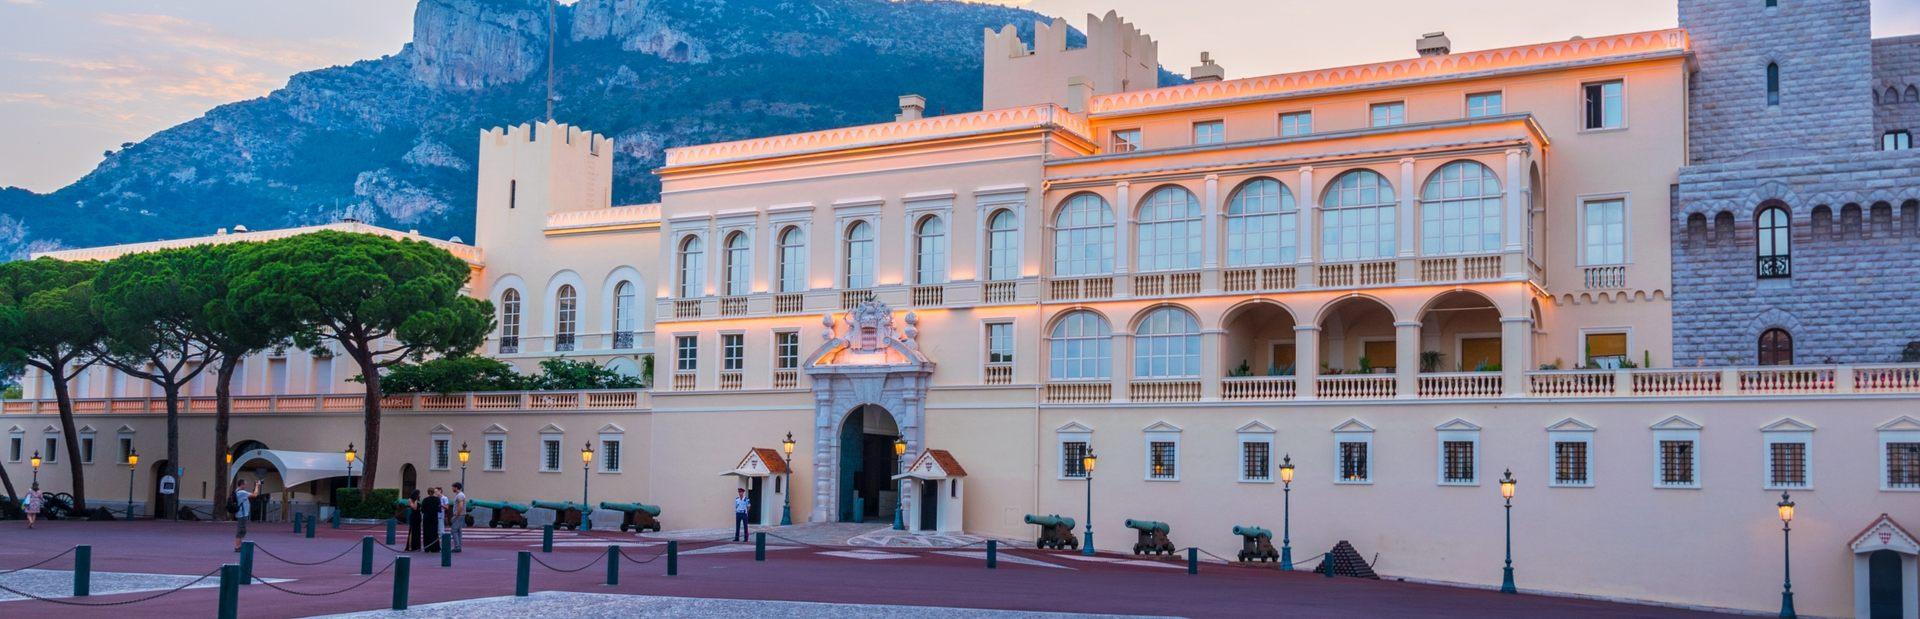 Monaco photo tour